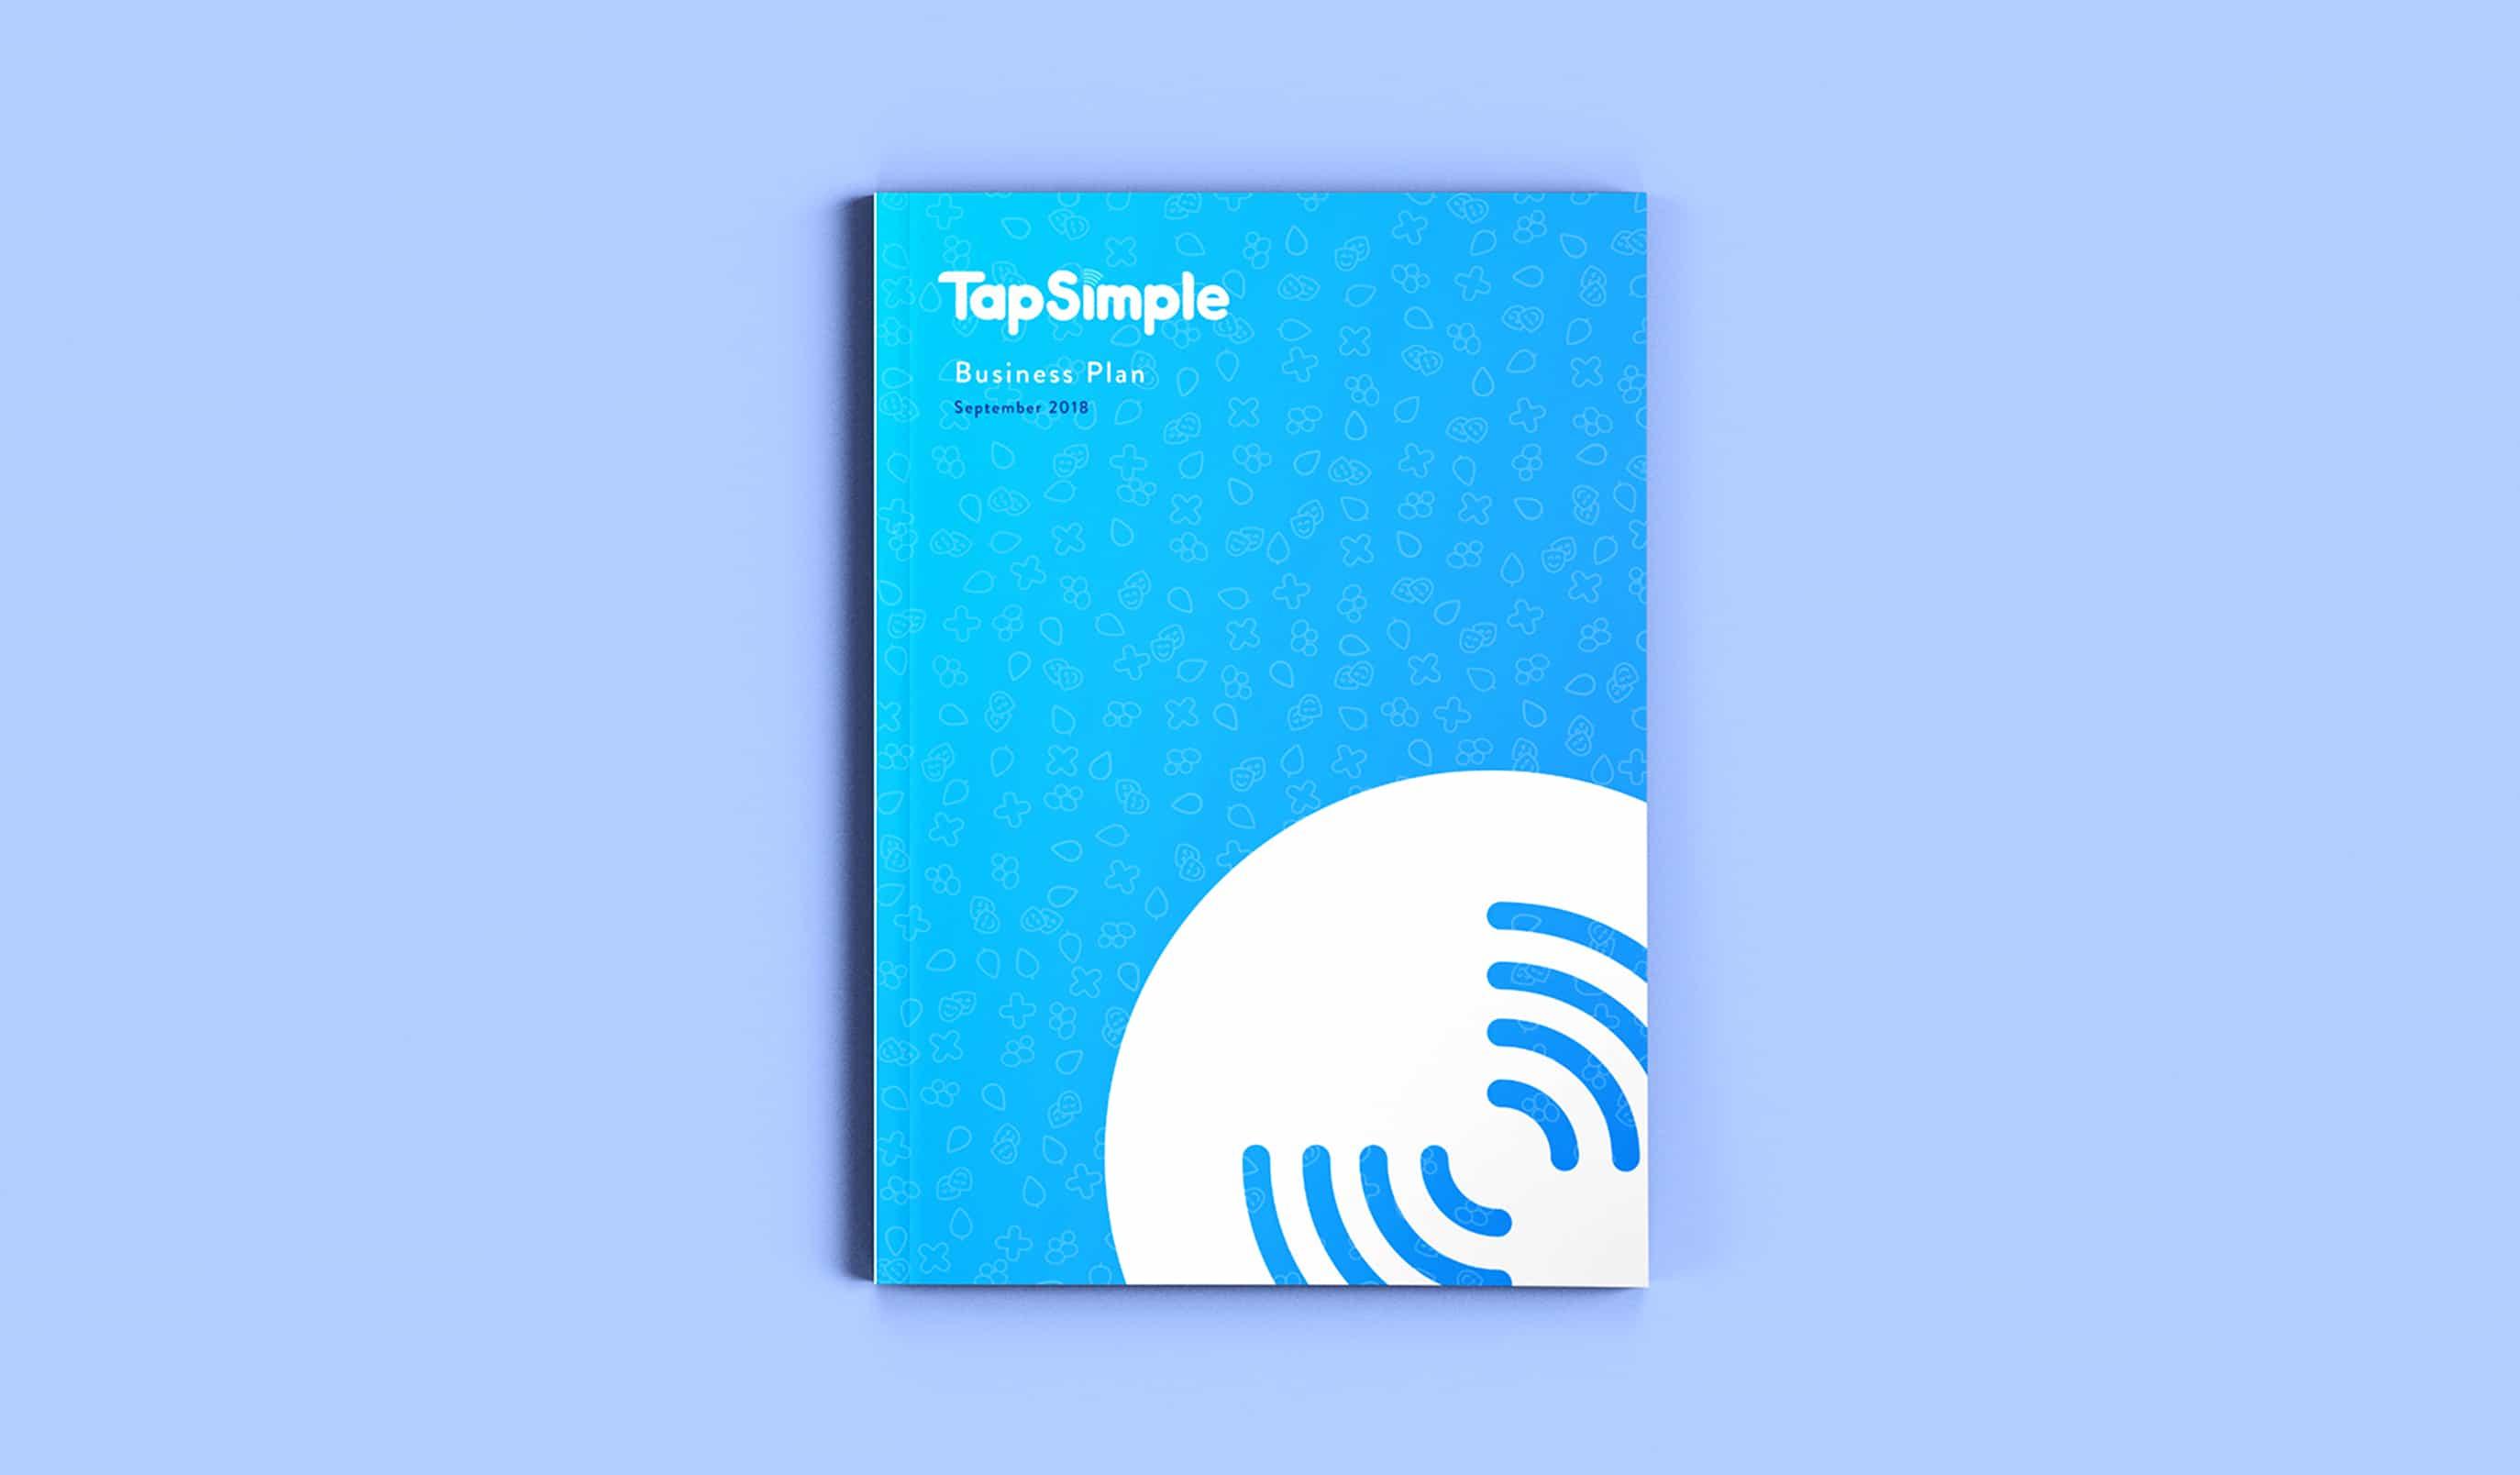 The TapSimple investment prospectus